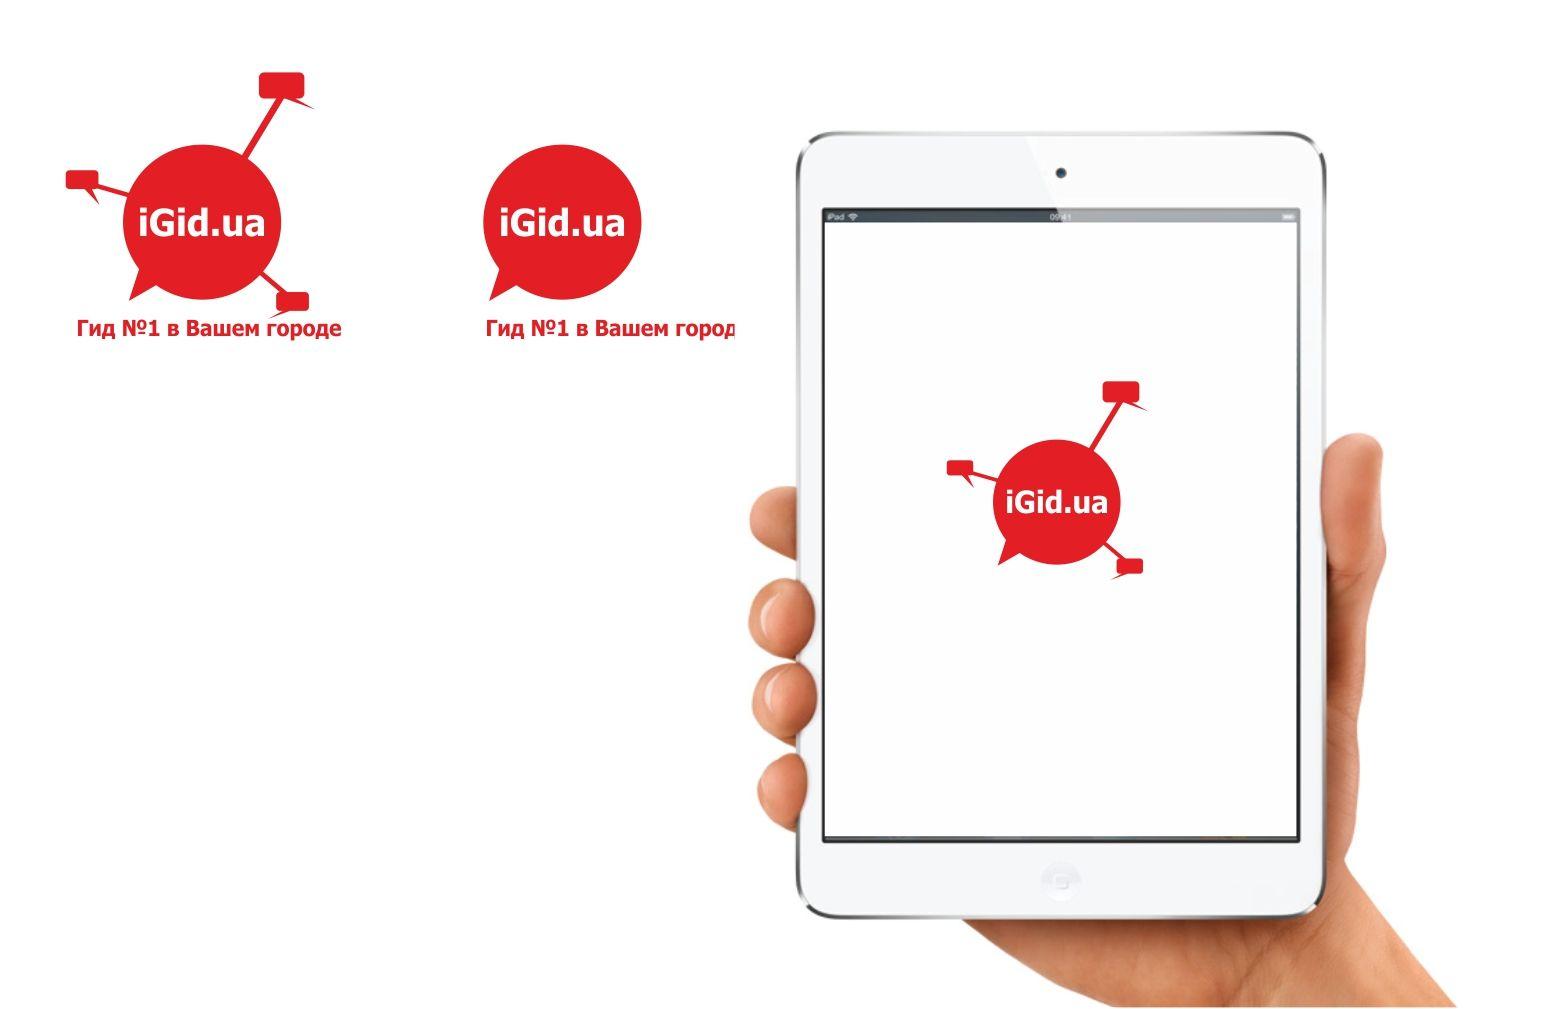 Создание логотипа iGid - дизайнер Viktor23